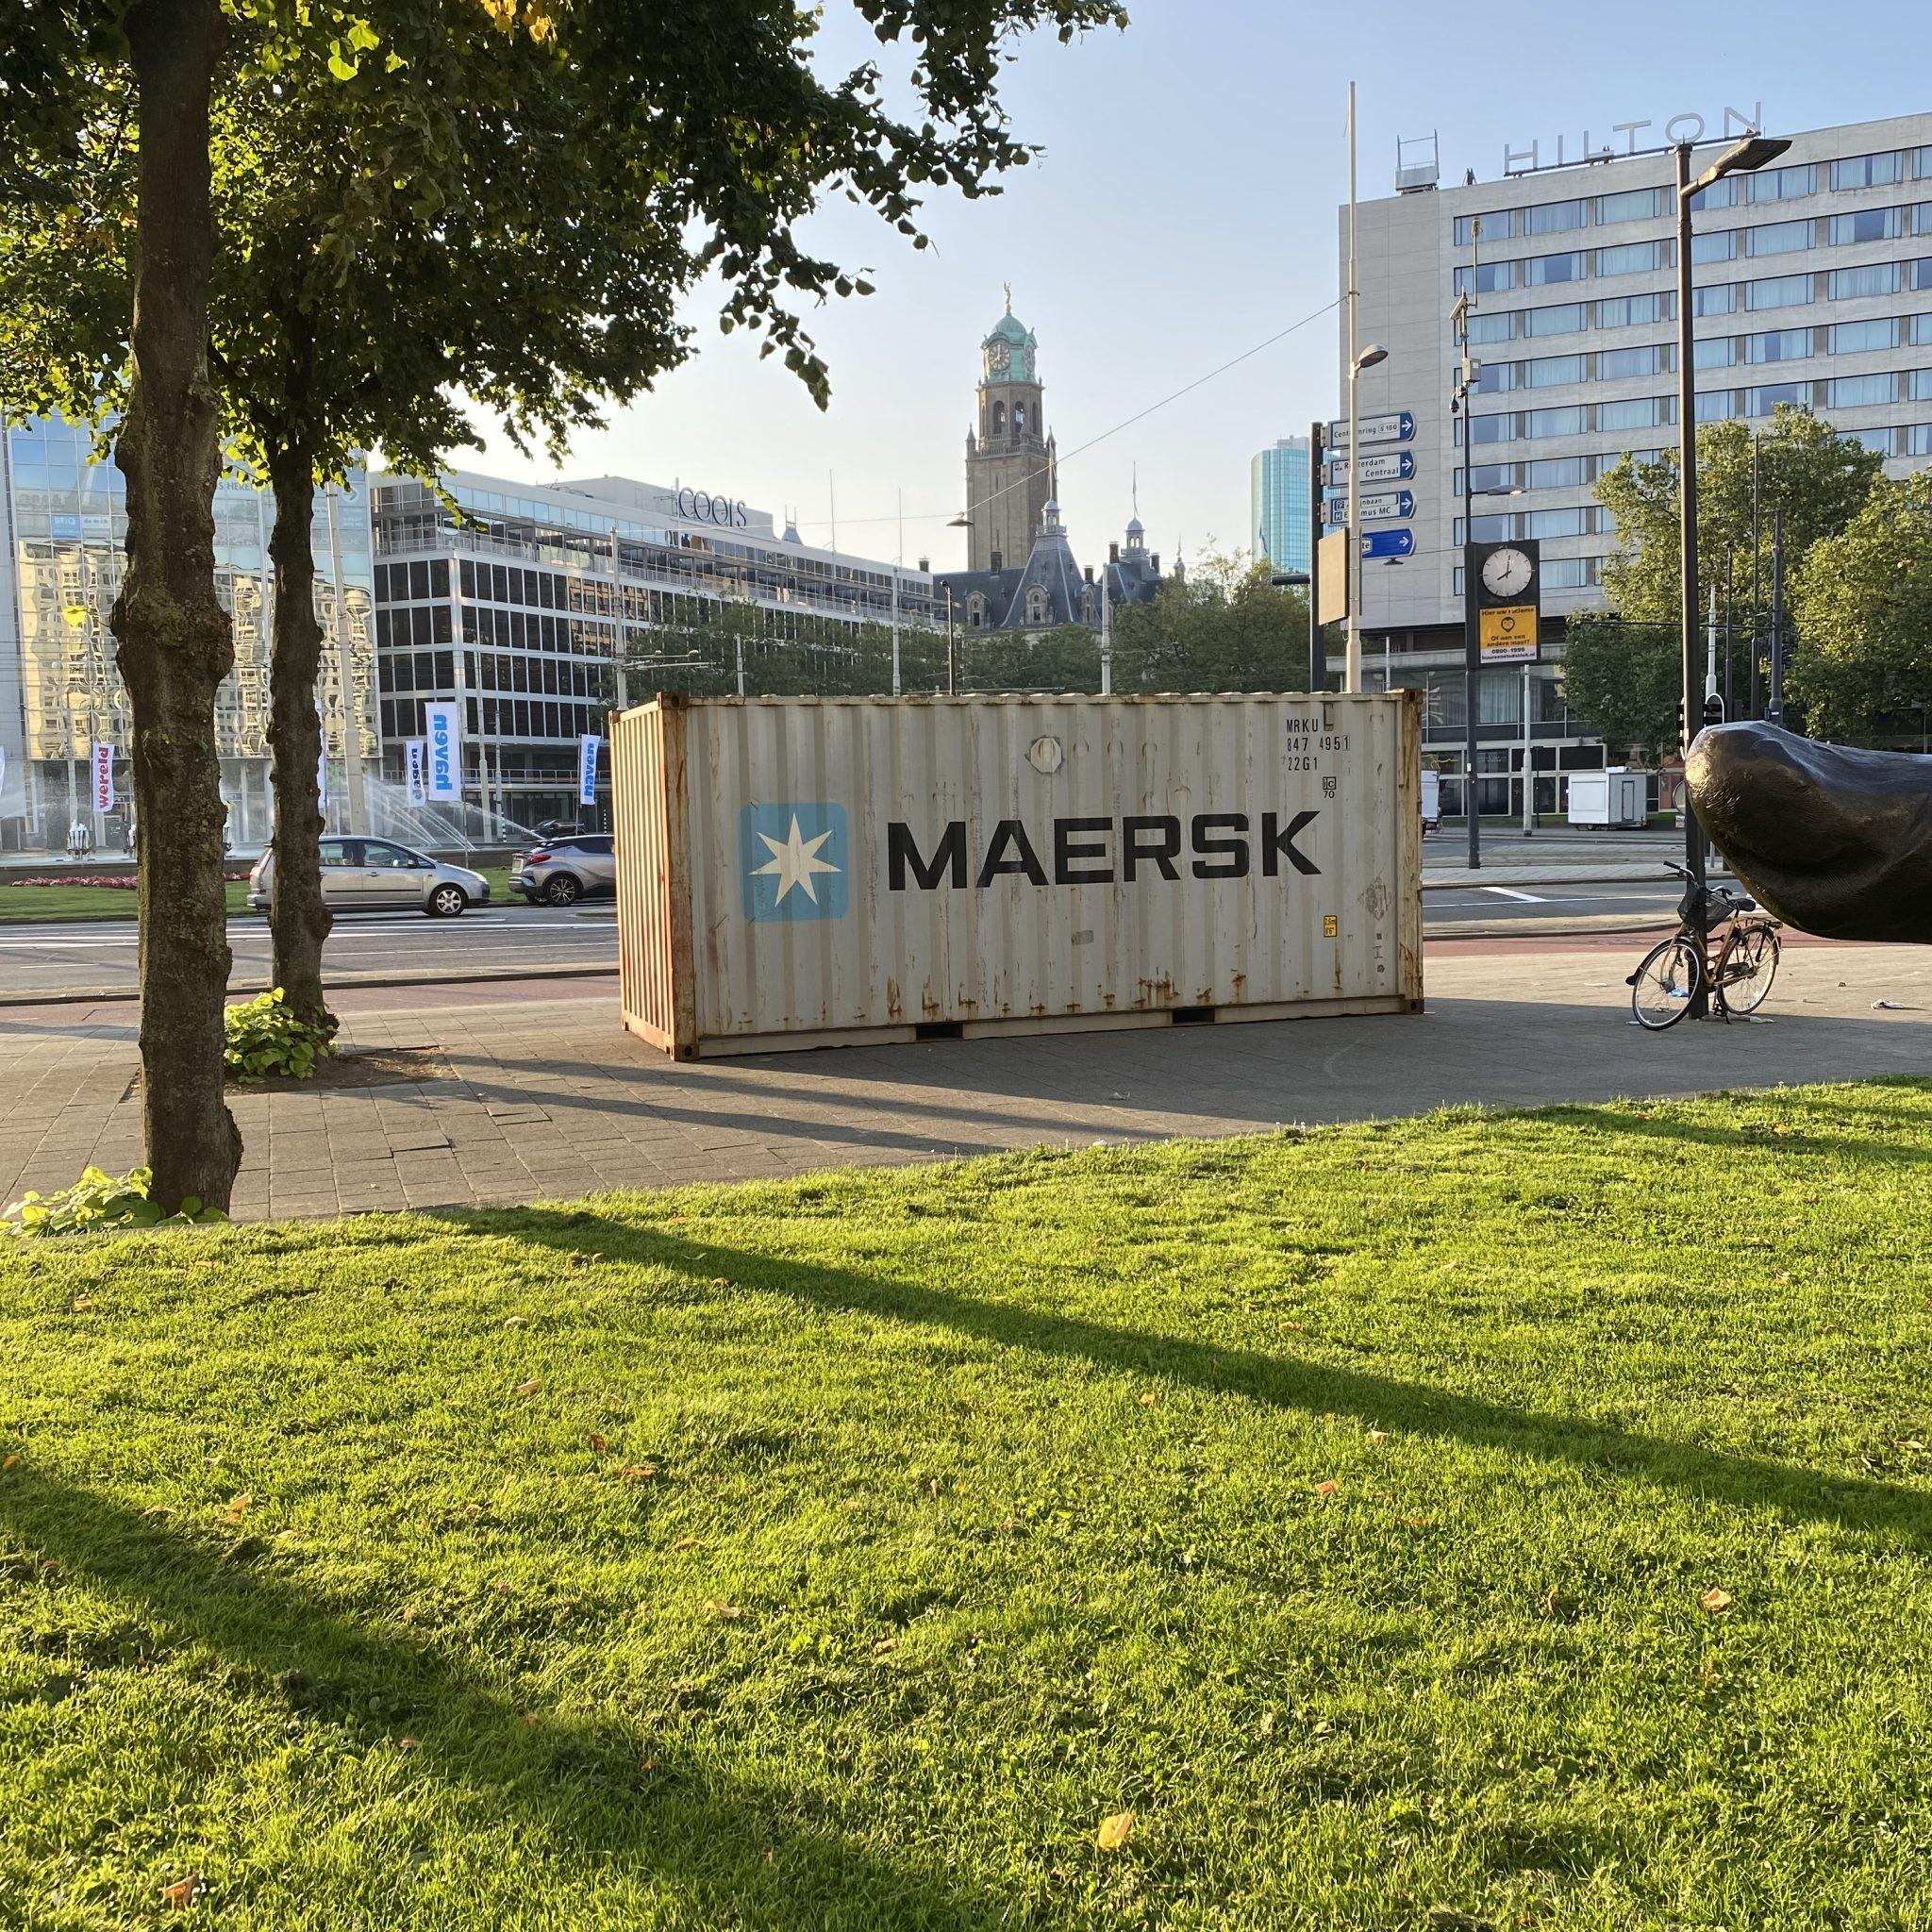 Een container van Maersk op het Rotterdamse Hofplein voor de Wereldhavendagen. (Foto Jelmer Bastiaans)